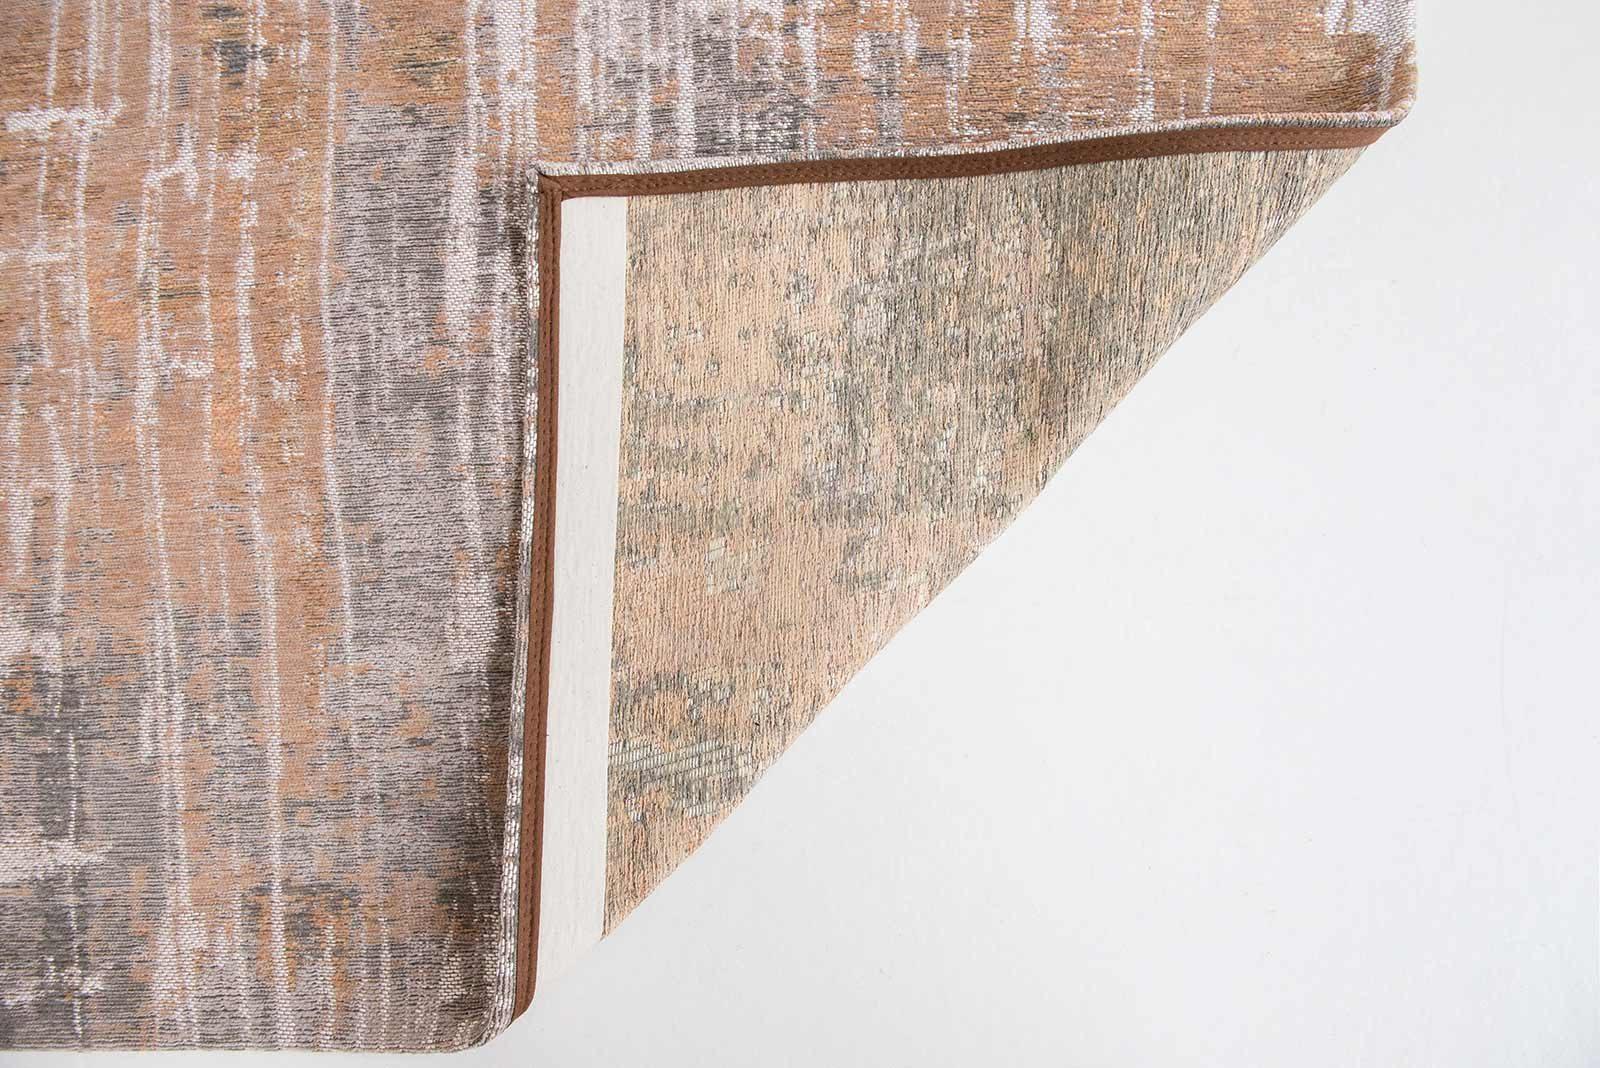 alfombras Louis De Poortere LX8717 Atlantic Streaks Parsons Powder back